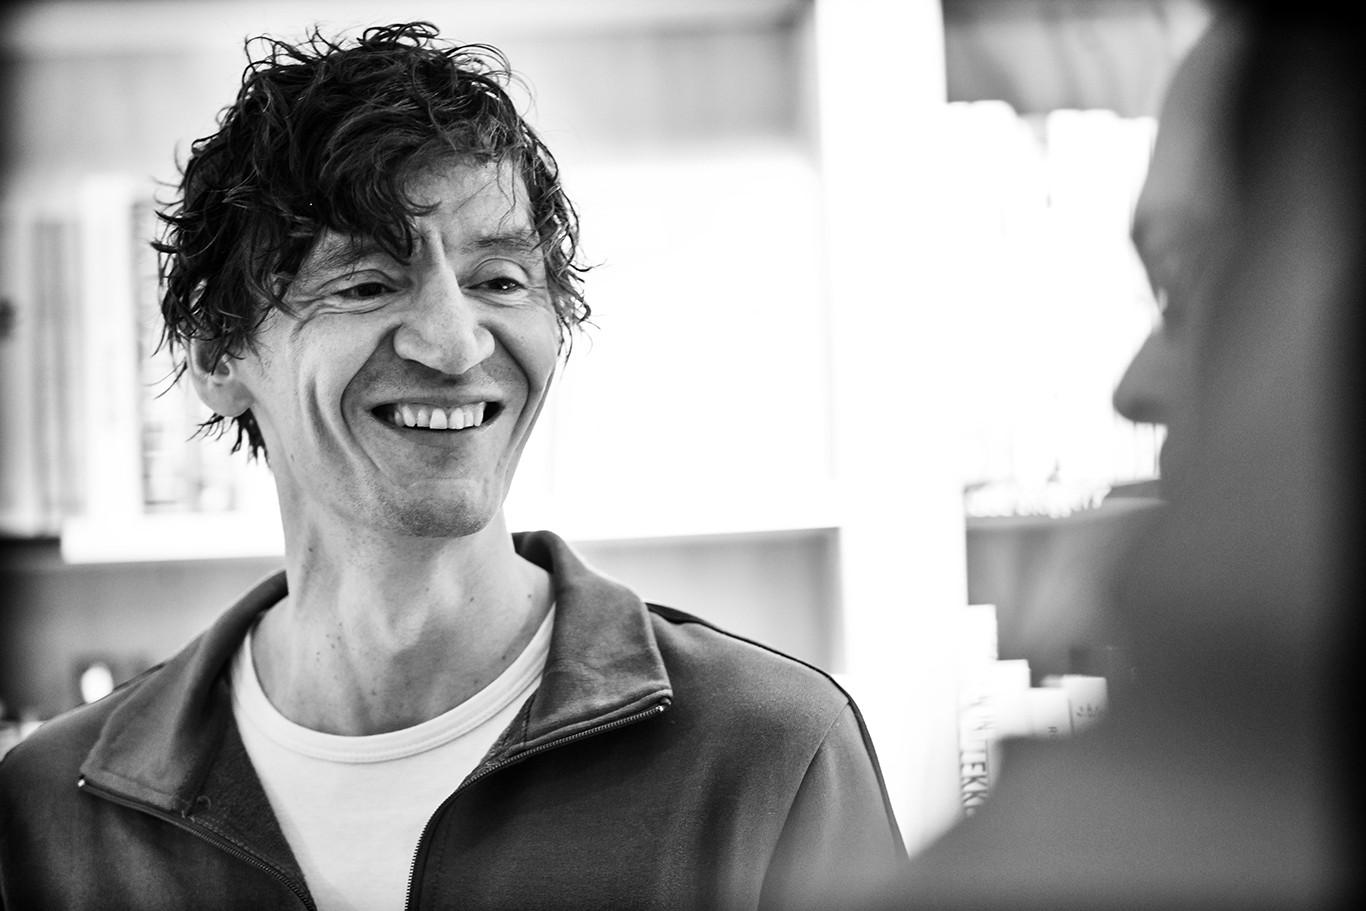 Peter Buwalda signeert bij boekhandel Kooijker in Leiden zijn nieuwe roman Otmars zonen